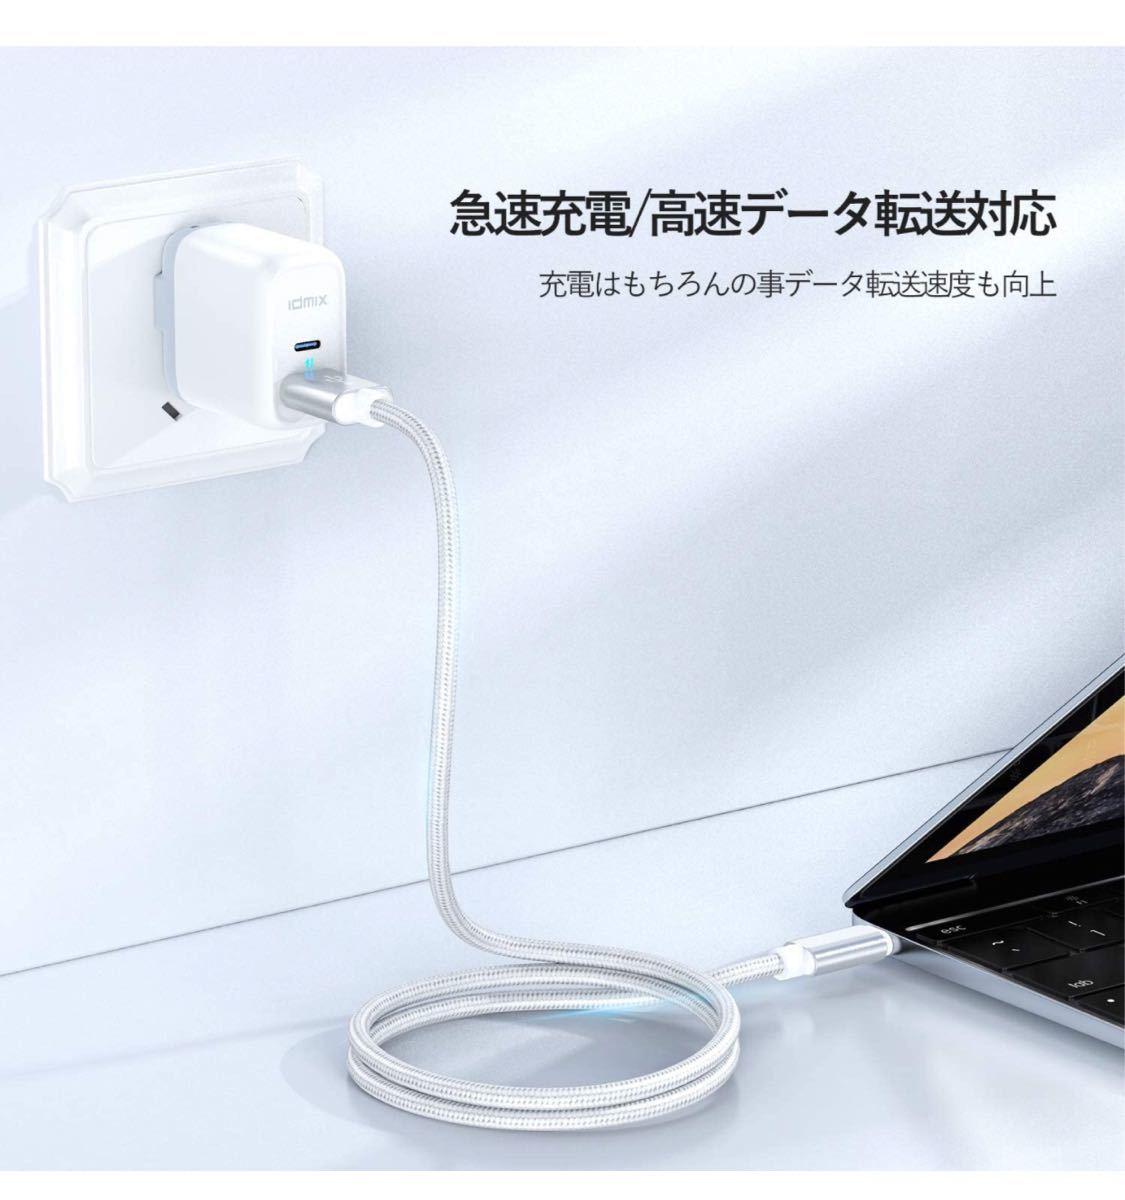 USB Type C ケーブル【4本セット 0.25m+1m+1m+2m】タイプc ケーブル 急速充電 高速データ転送 高耐久